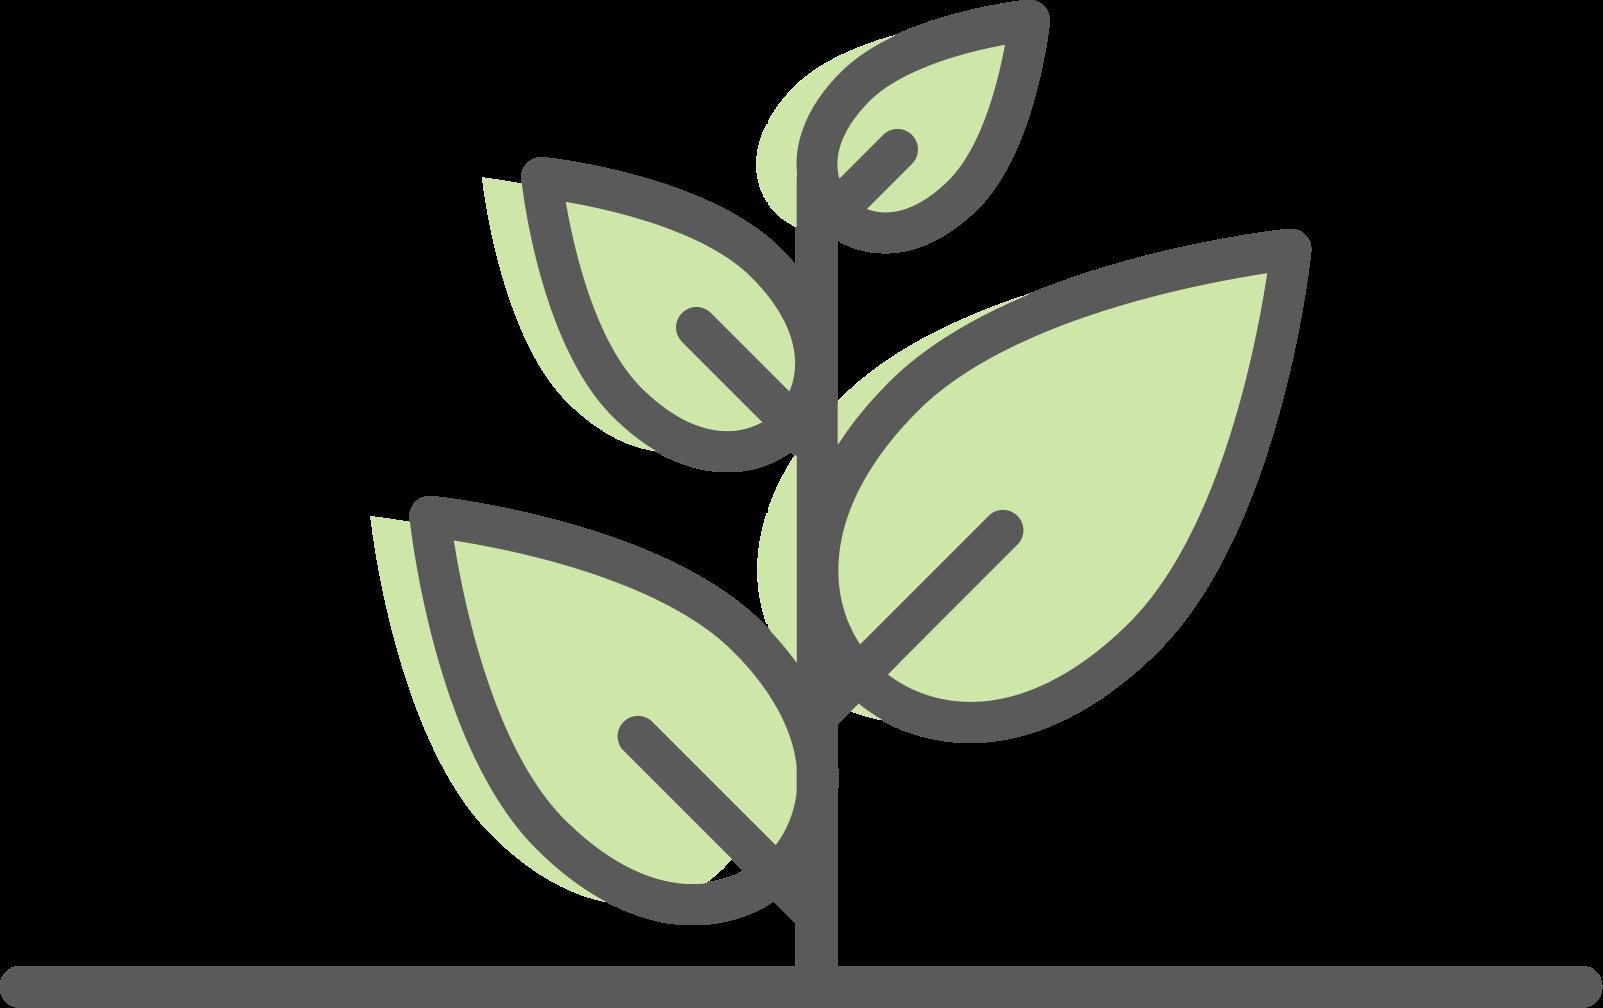 icon leaf growth